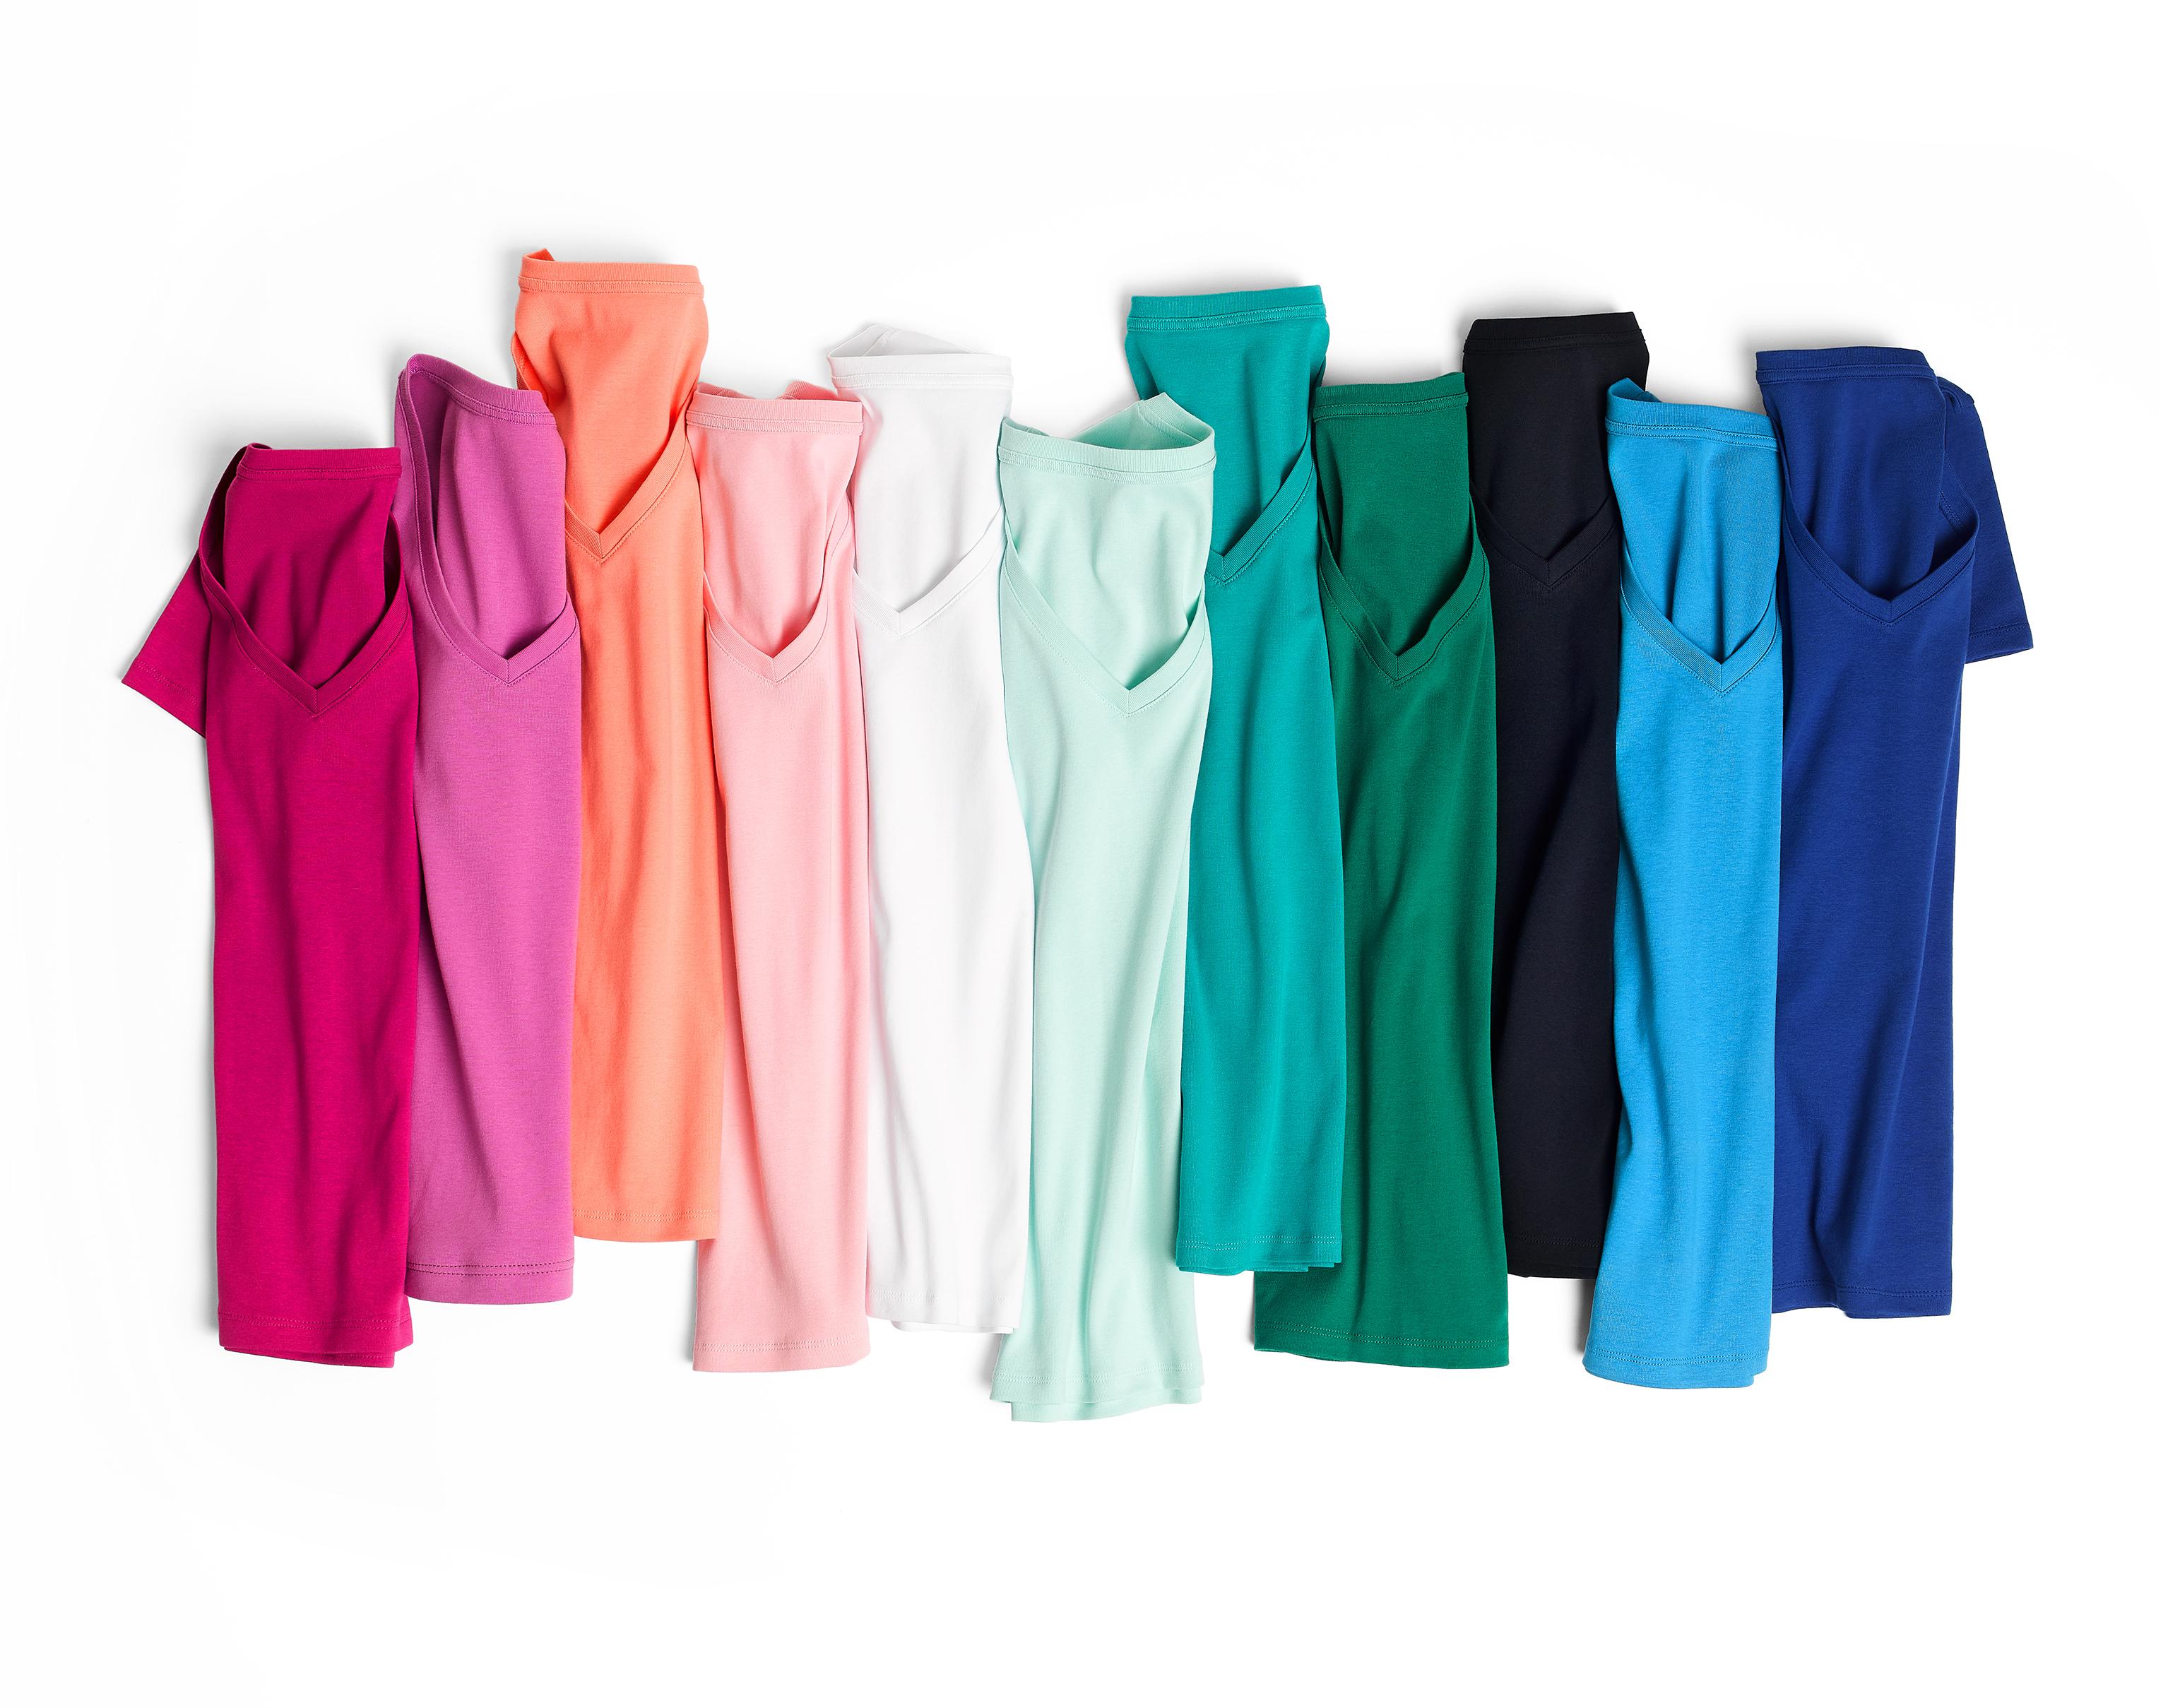 Case Study  Joe Fresh  Folded Colorful Shirts